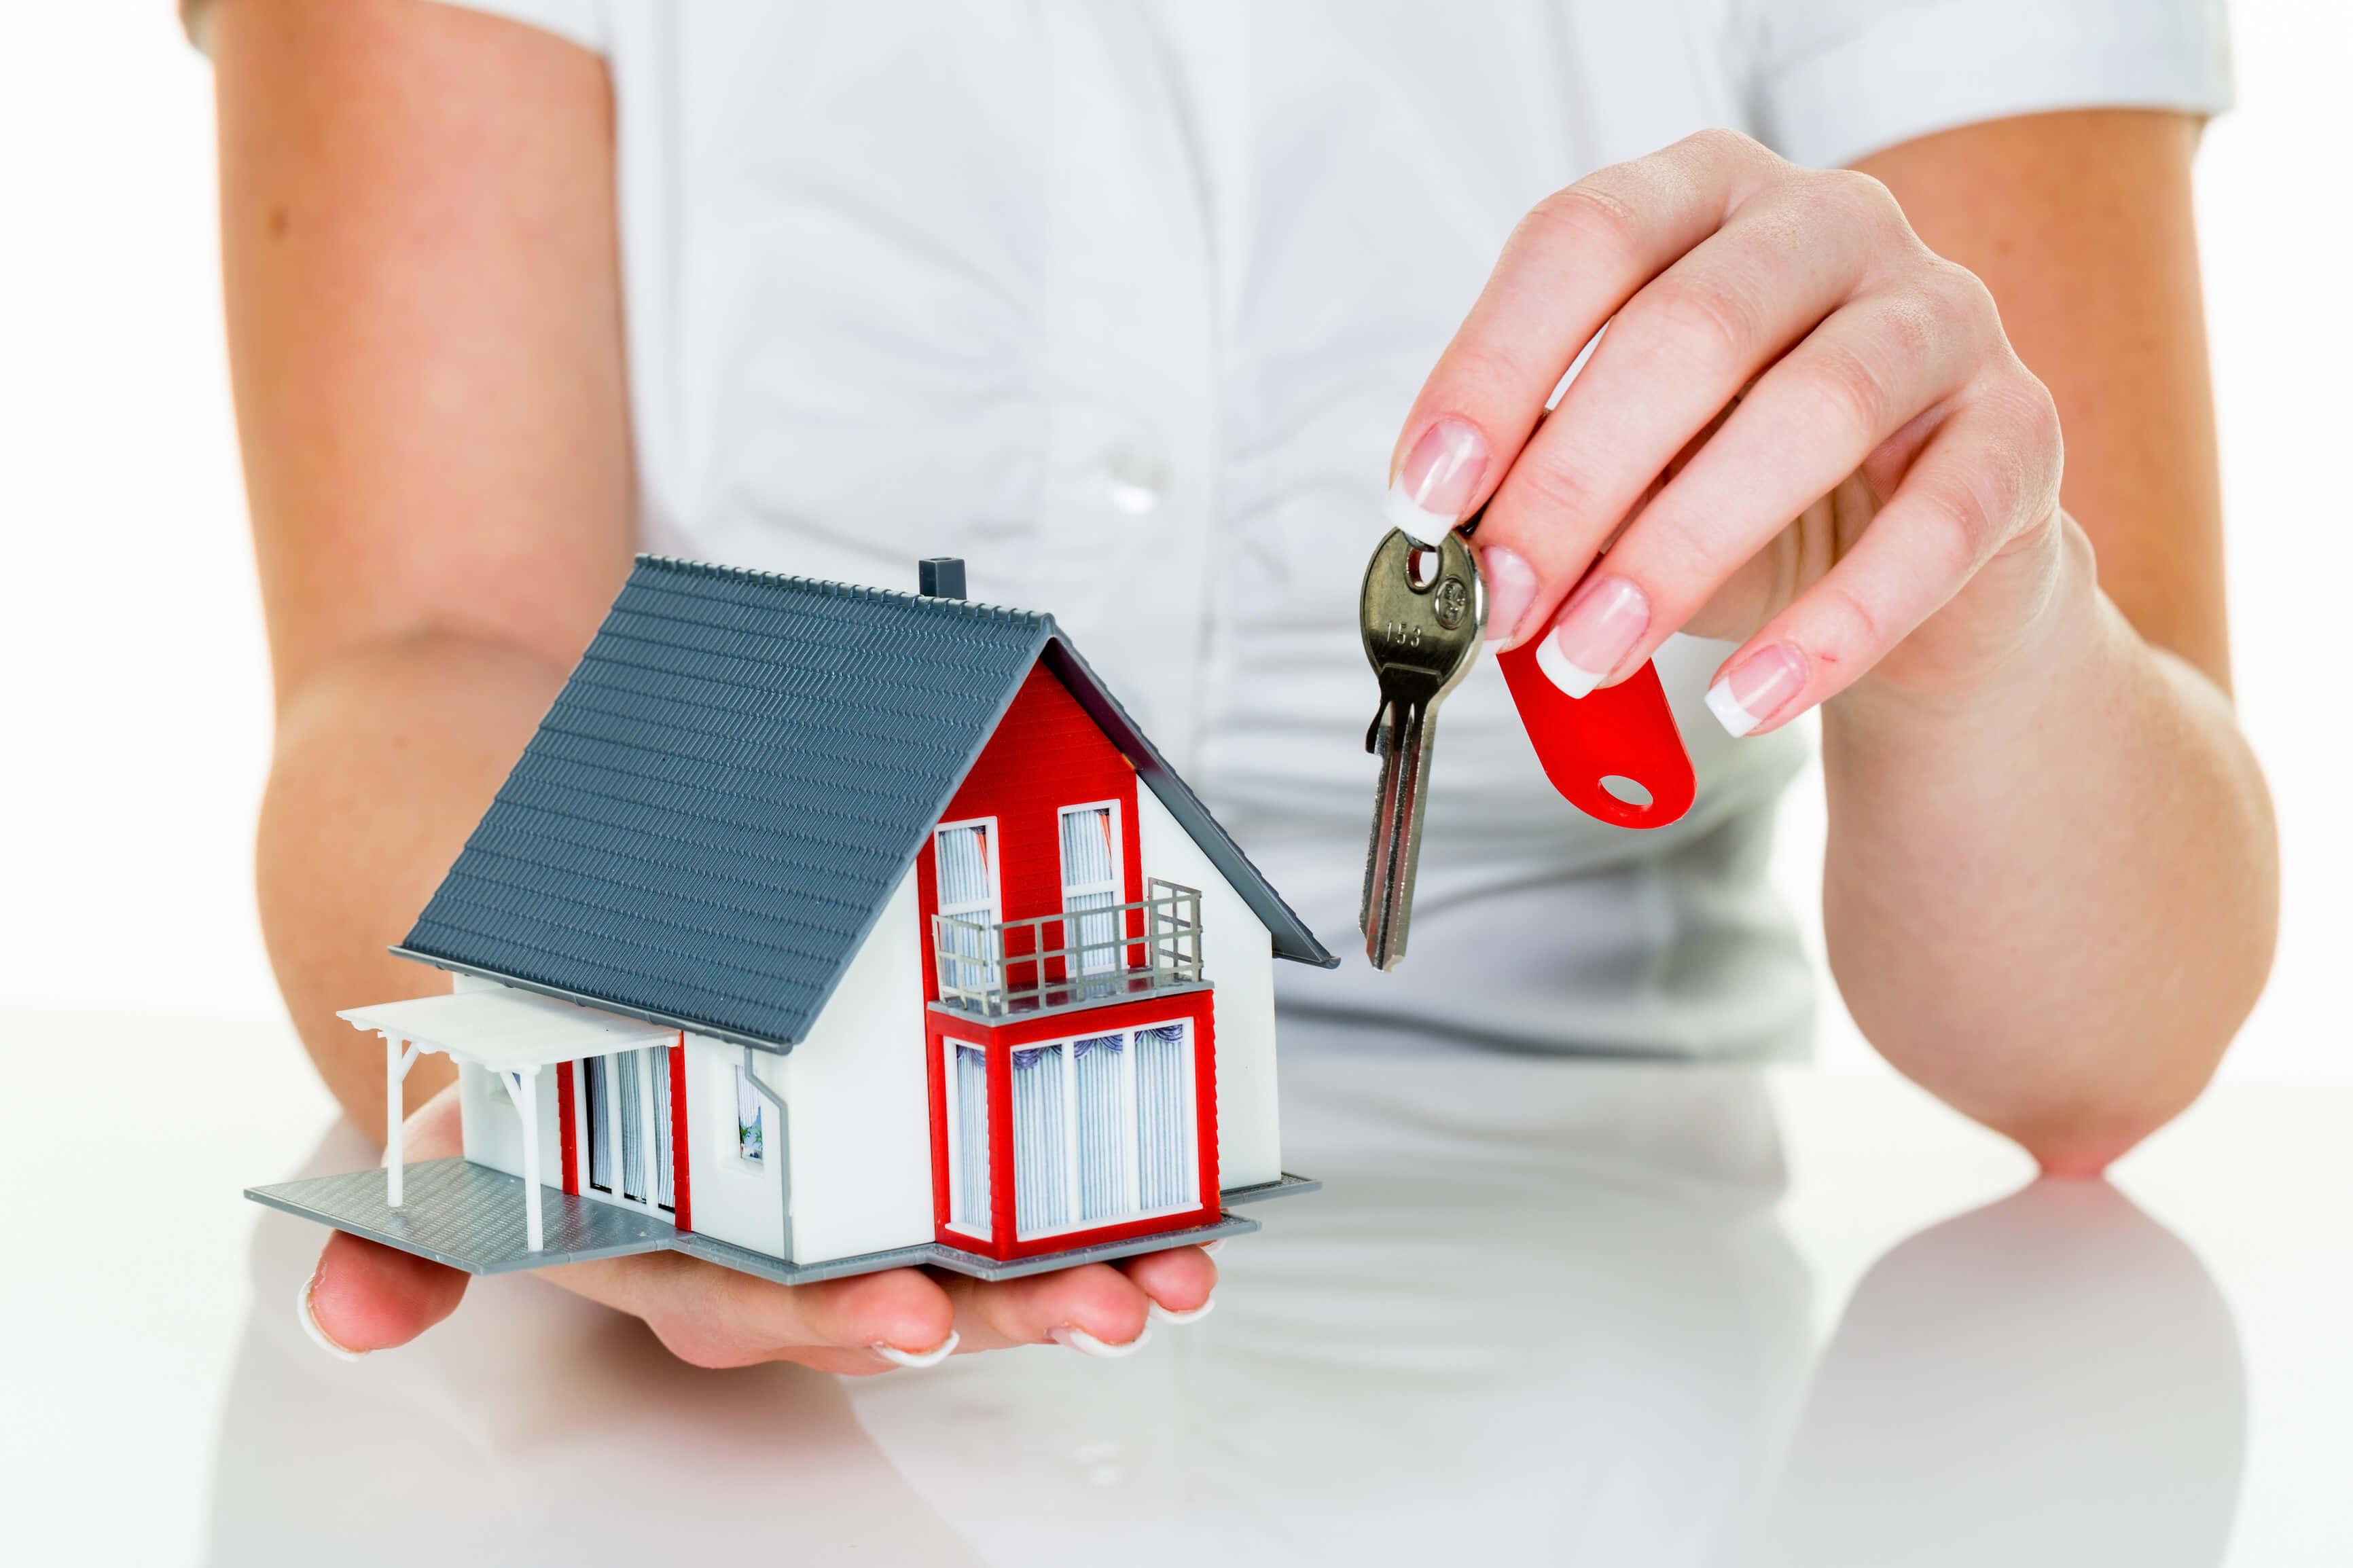 wzrost liczby kredytów mieszkaniowych